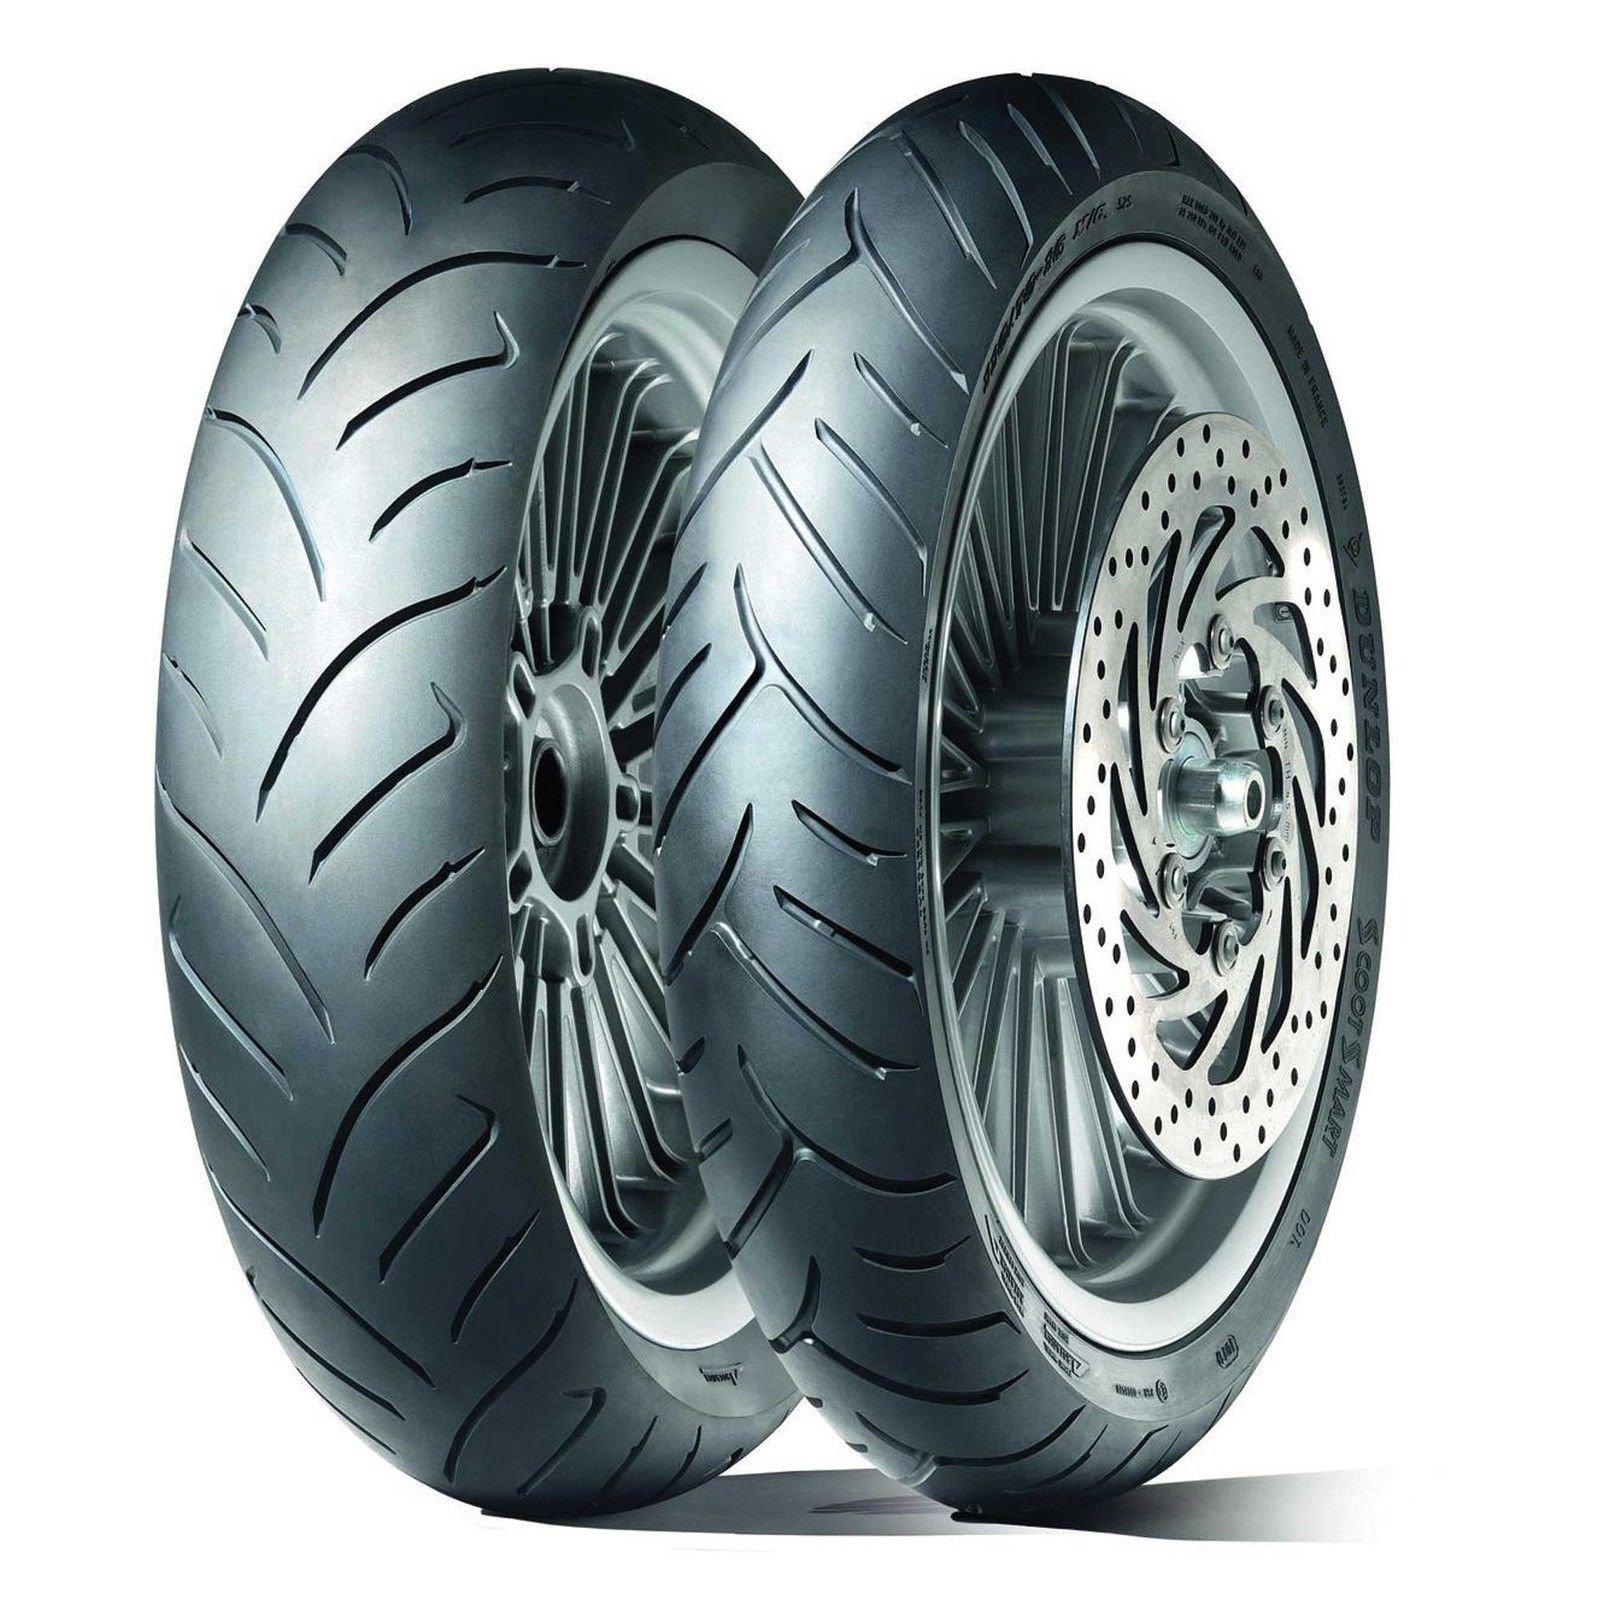 Шина для мотоцикла Dunlop ScootSmart 110/100 R12 67J TL Передняя (Front) (Артикул: 303987)